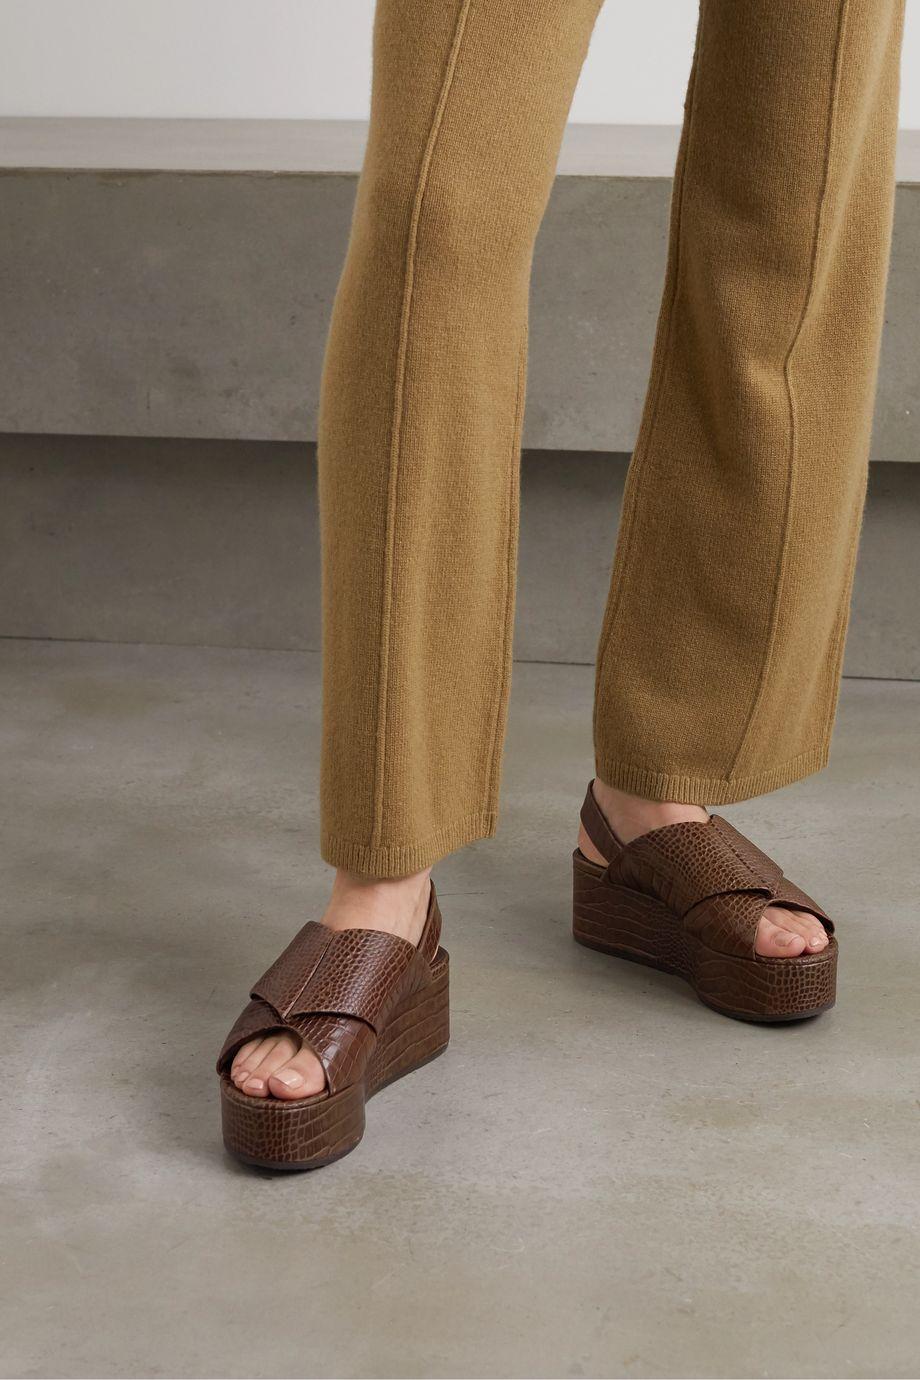 Co Croc-effect leather platform slingback sandals